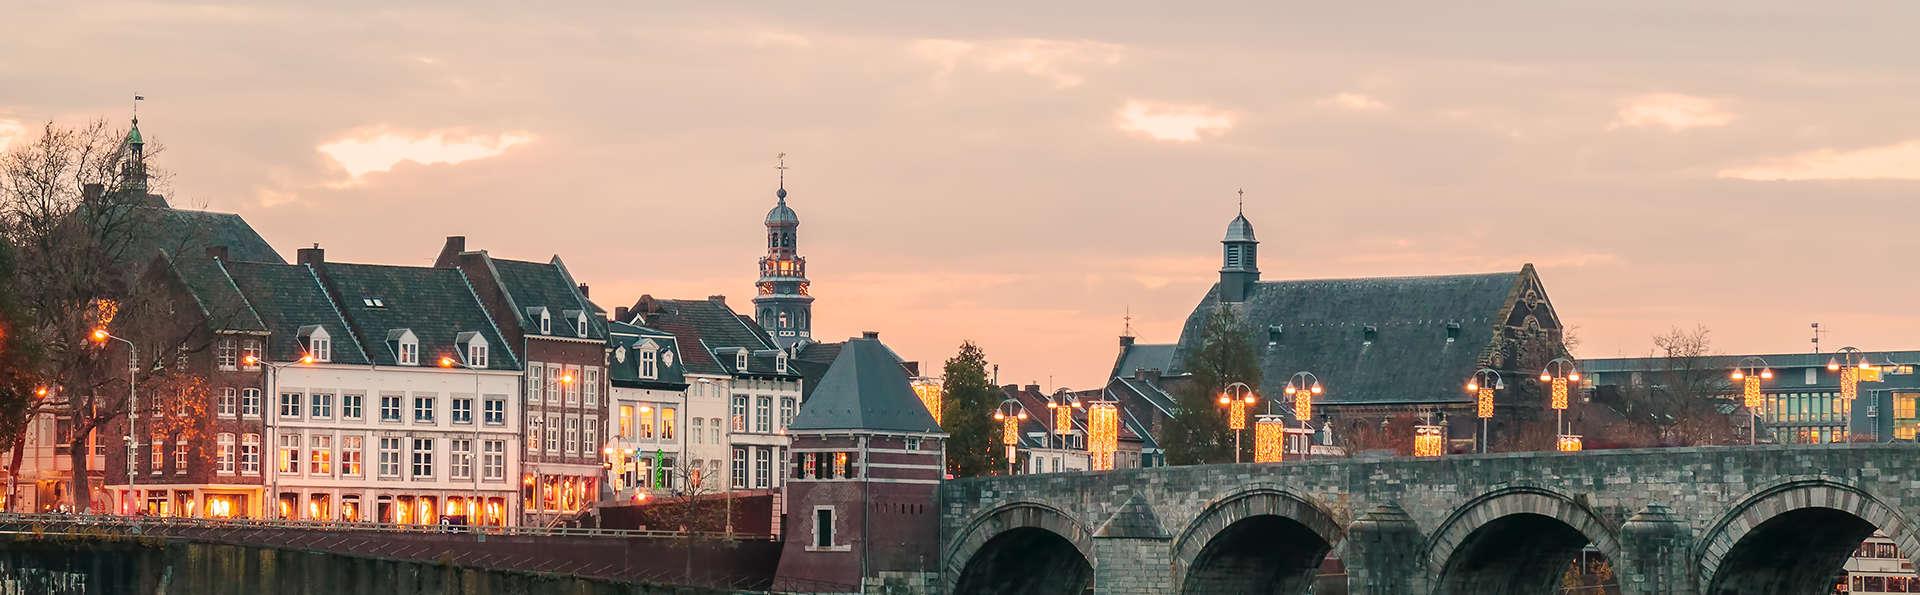 Découvrez la nature du Limbourg et Maastricht dans un hôtel moderne (à partir de 2 nuits)